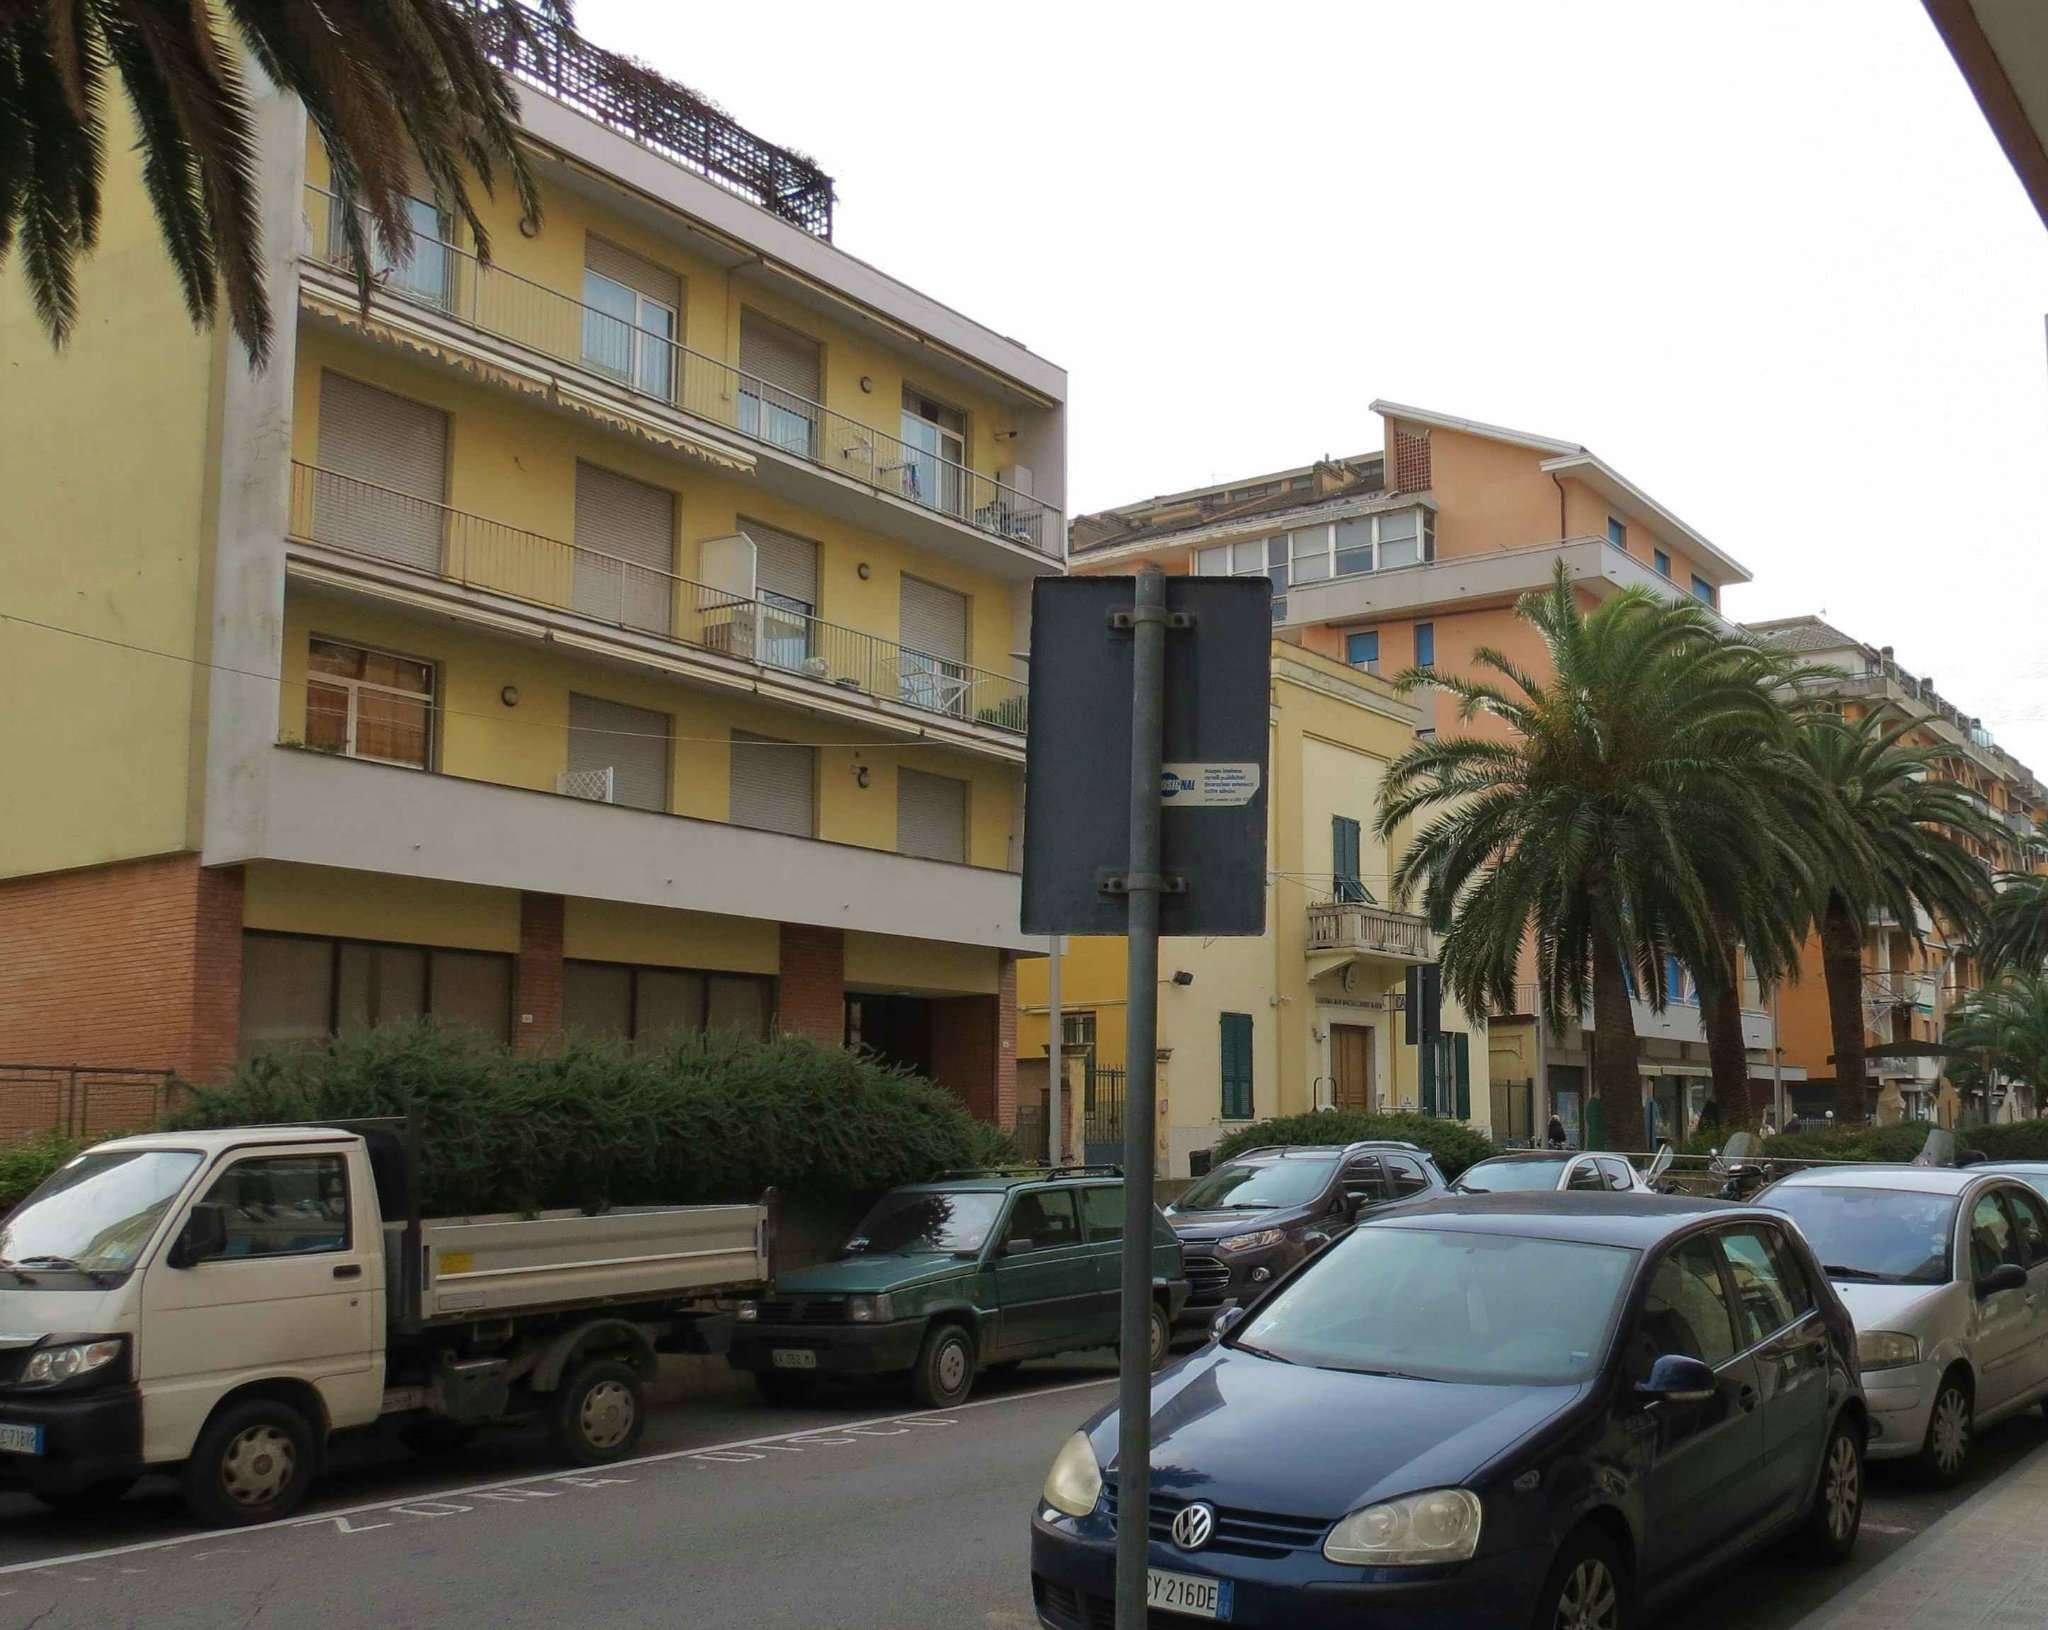 Ufficio / Studio in vendita a Lavagna, 9 locali, Trattative riservate | PortaleAgenzieImmobiliari.it